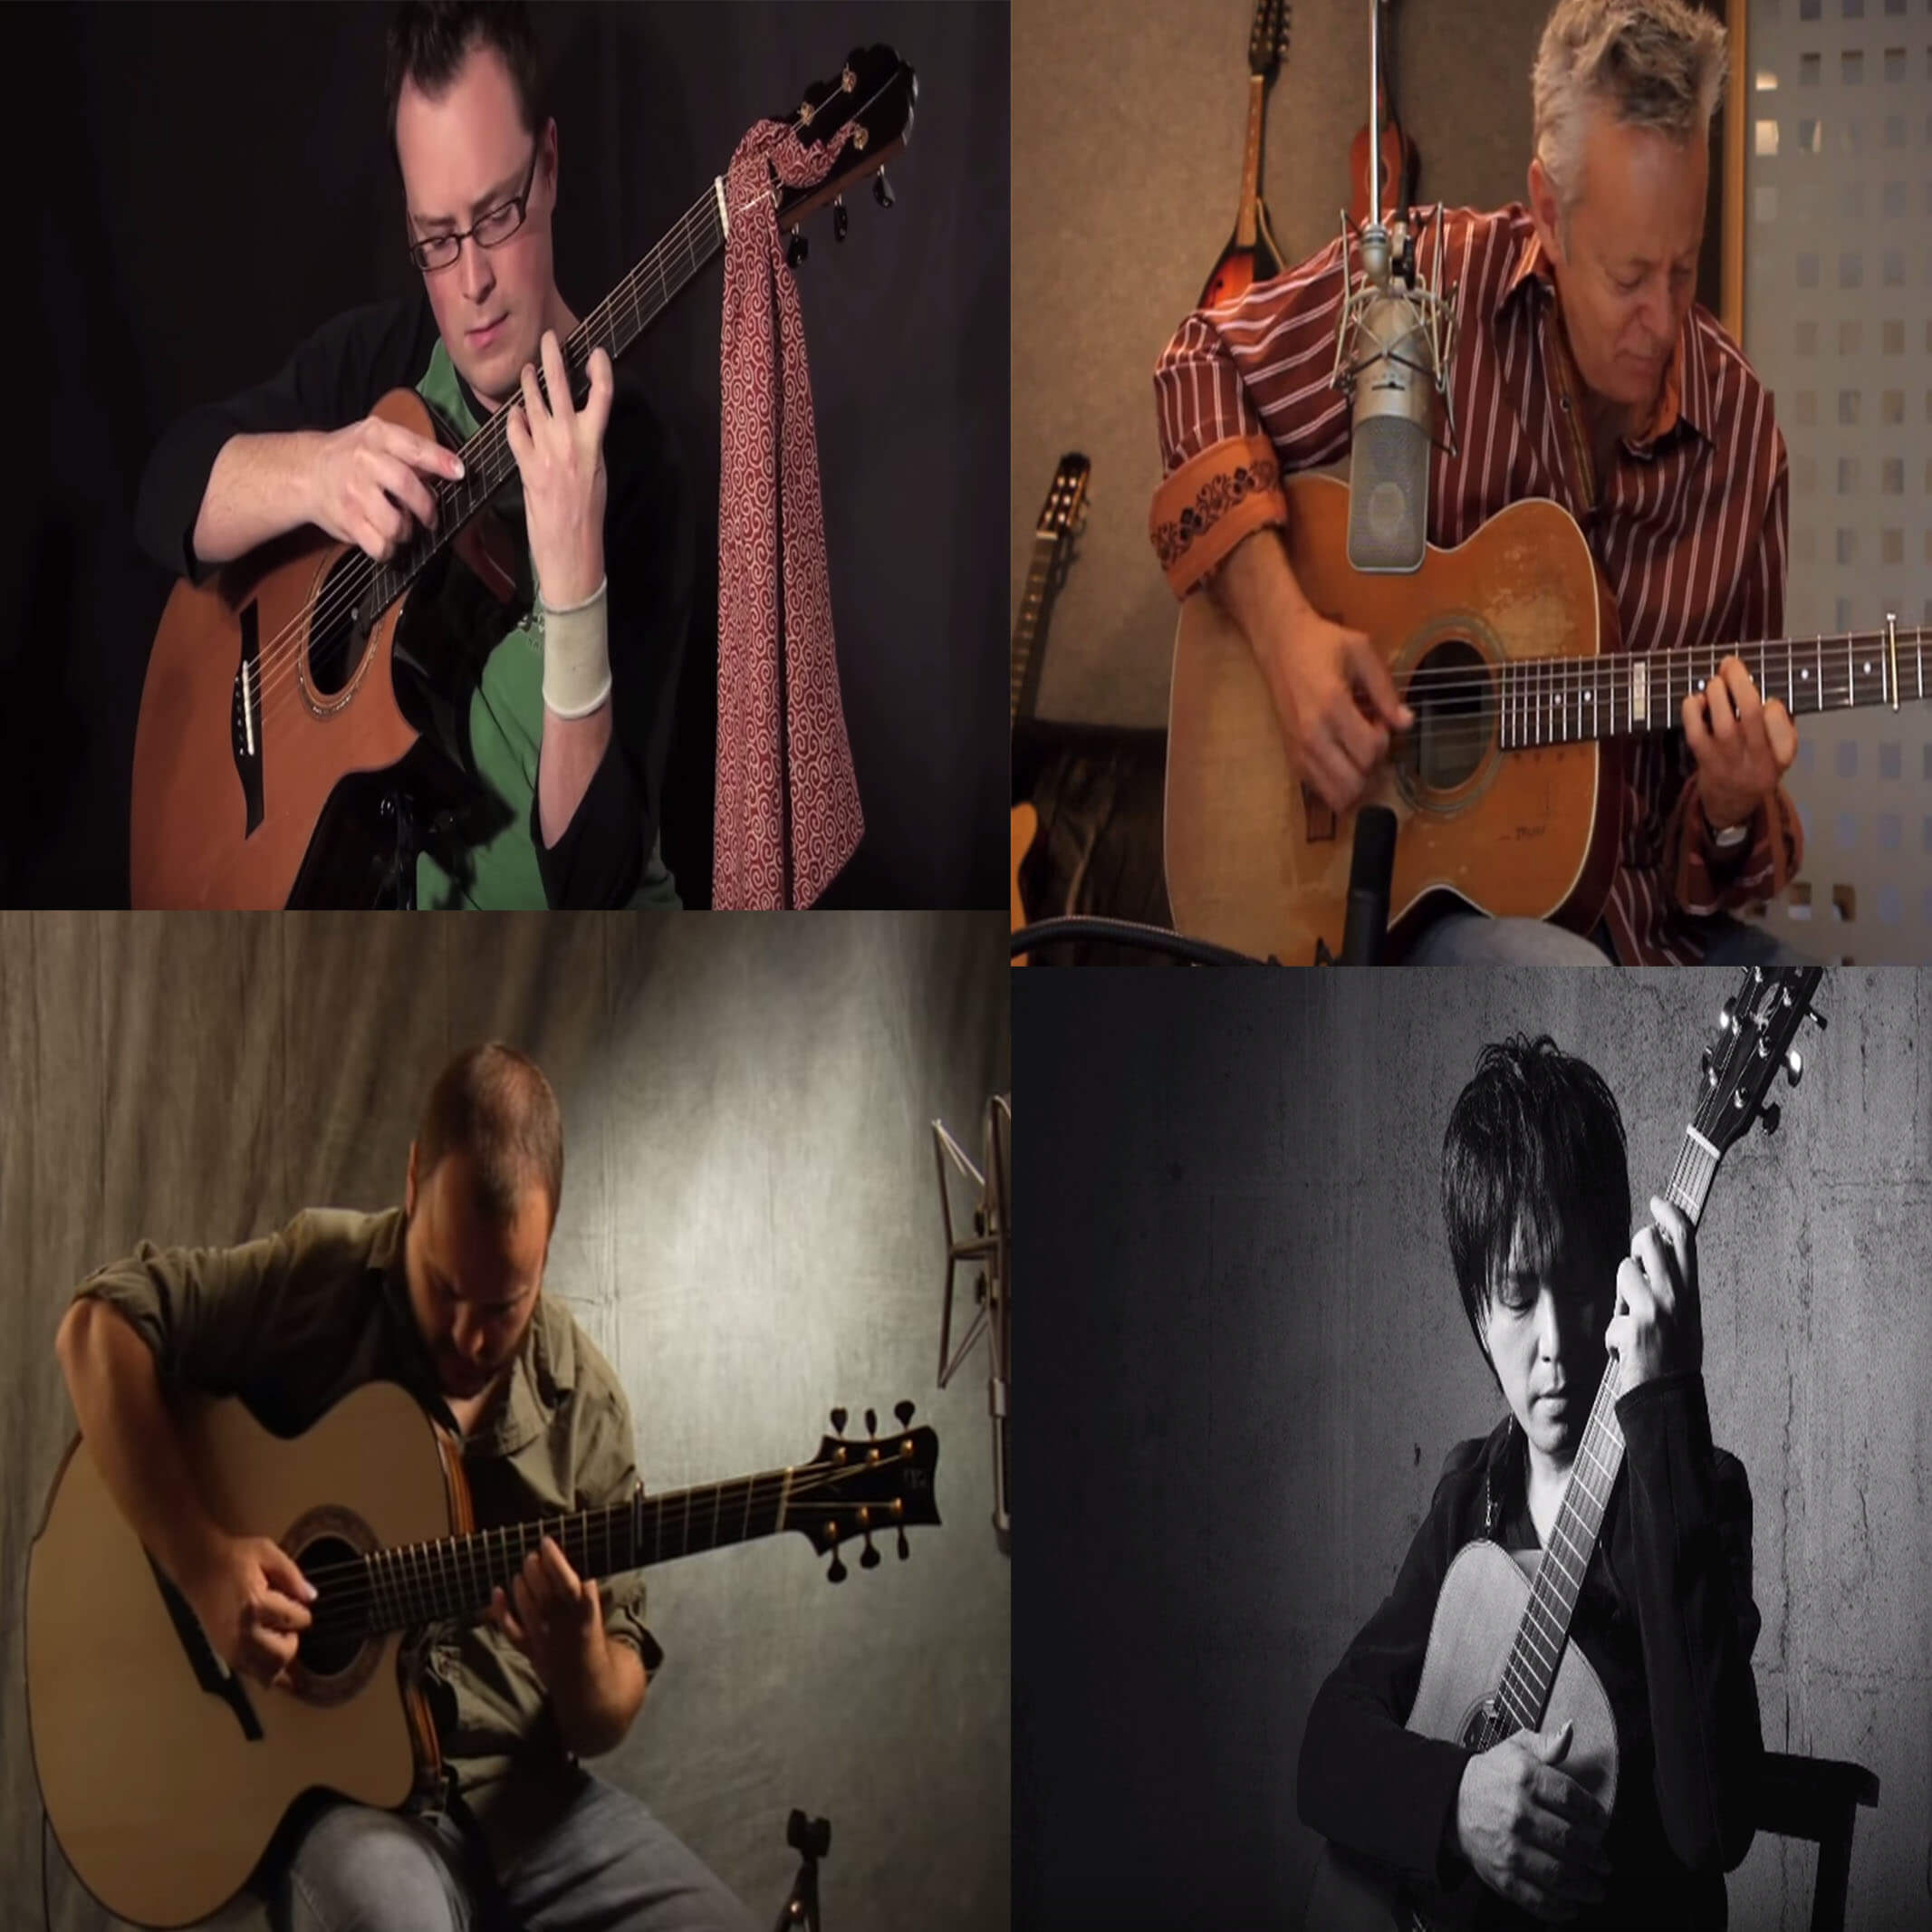 【厳選】ソロギ歴15年の僕が選ぶ究極のアコギインスト系ソロギタリスト9人